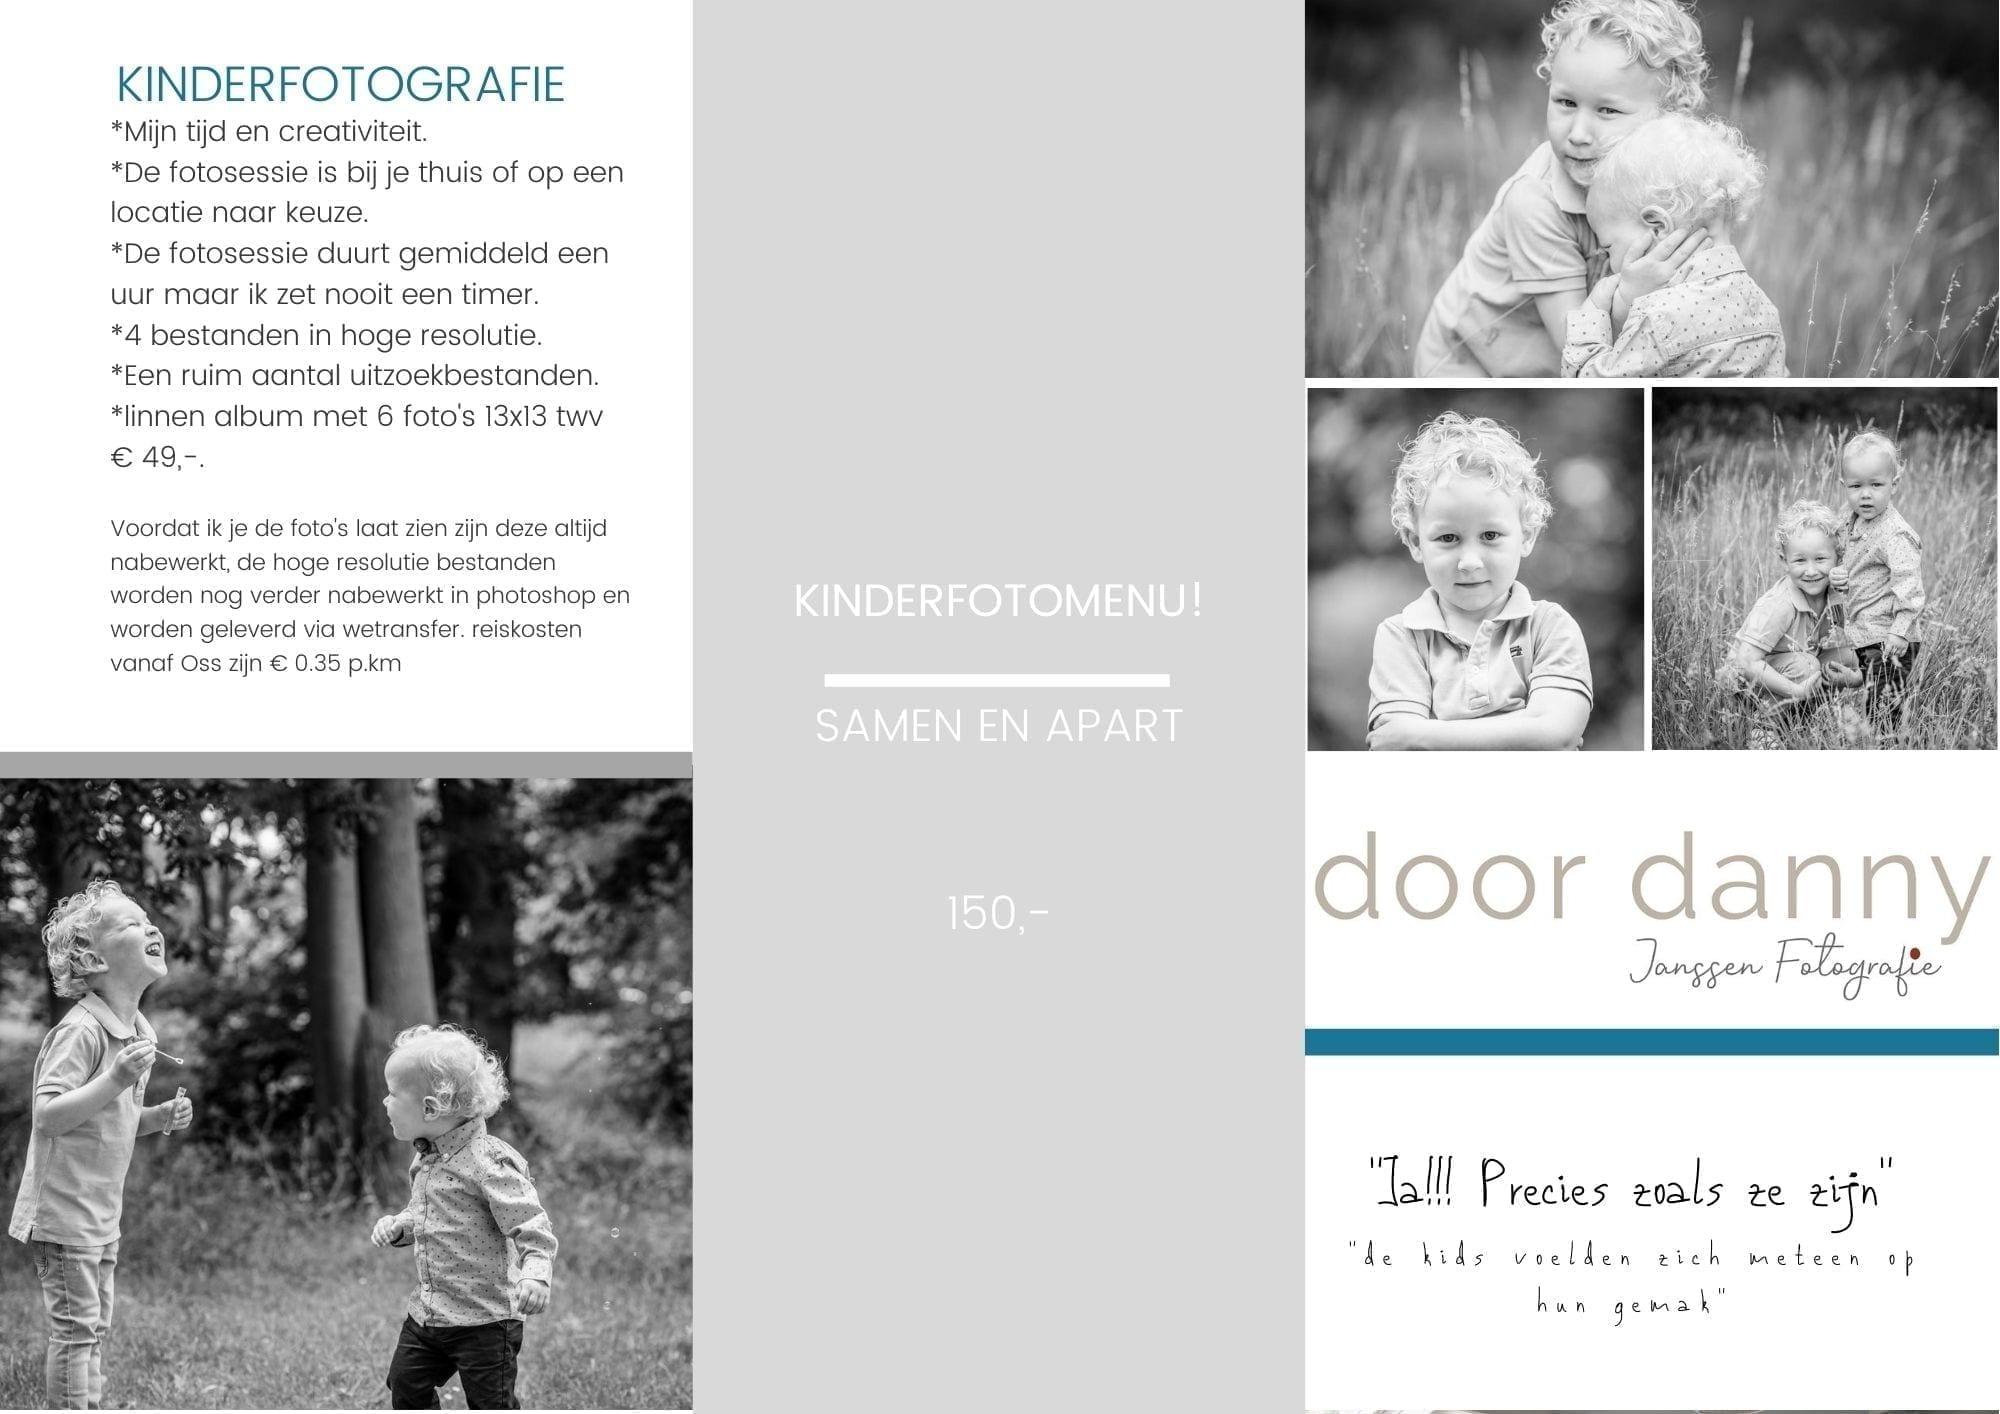 kinderfotografie door danny fotografie in oss